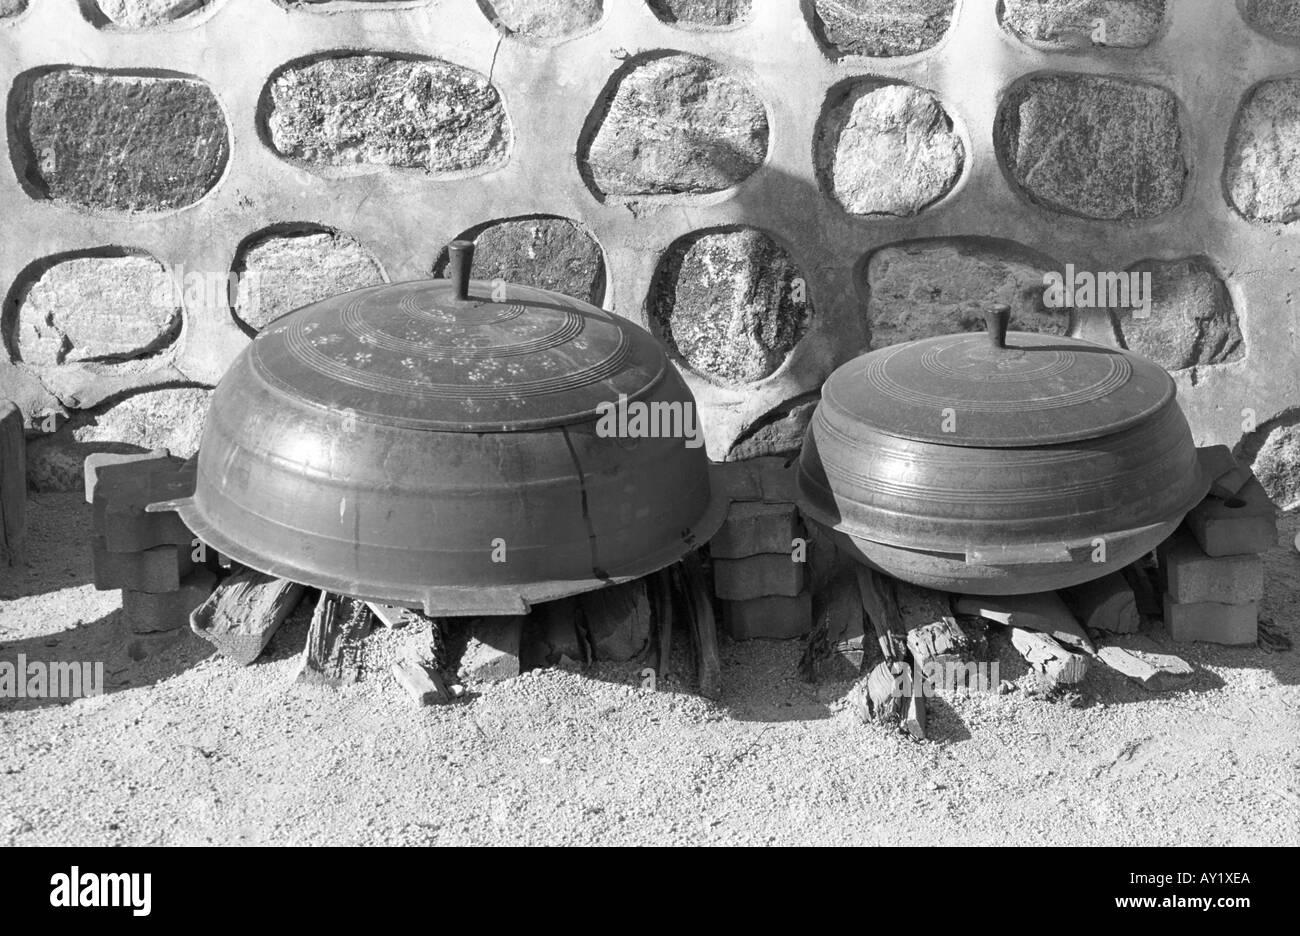 Outdoor Küche Steinmauer : Amazing outdoor küche mauern ideas autumnspadaro